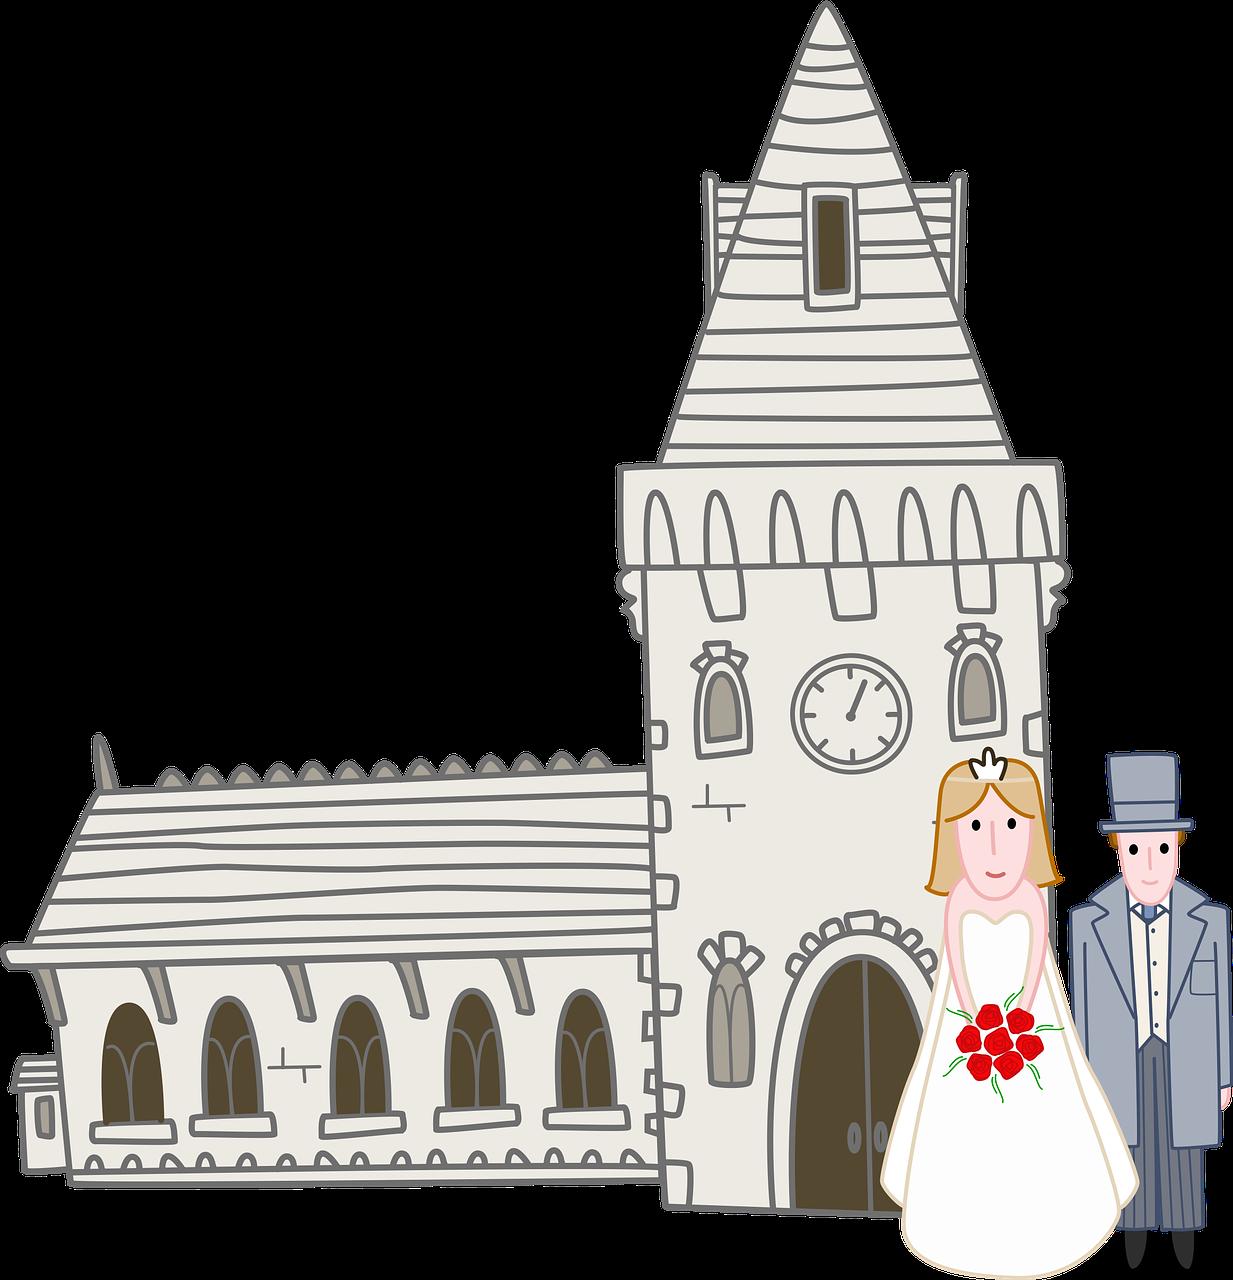 Fairytale wedding clipart vector library download Groom clipart fairytale wedding, Groom fairytale wedding Transparent ... vector library download